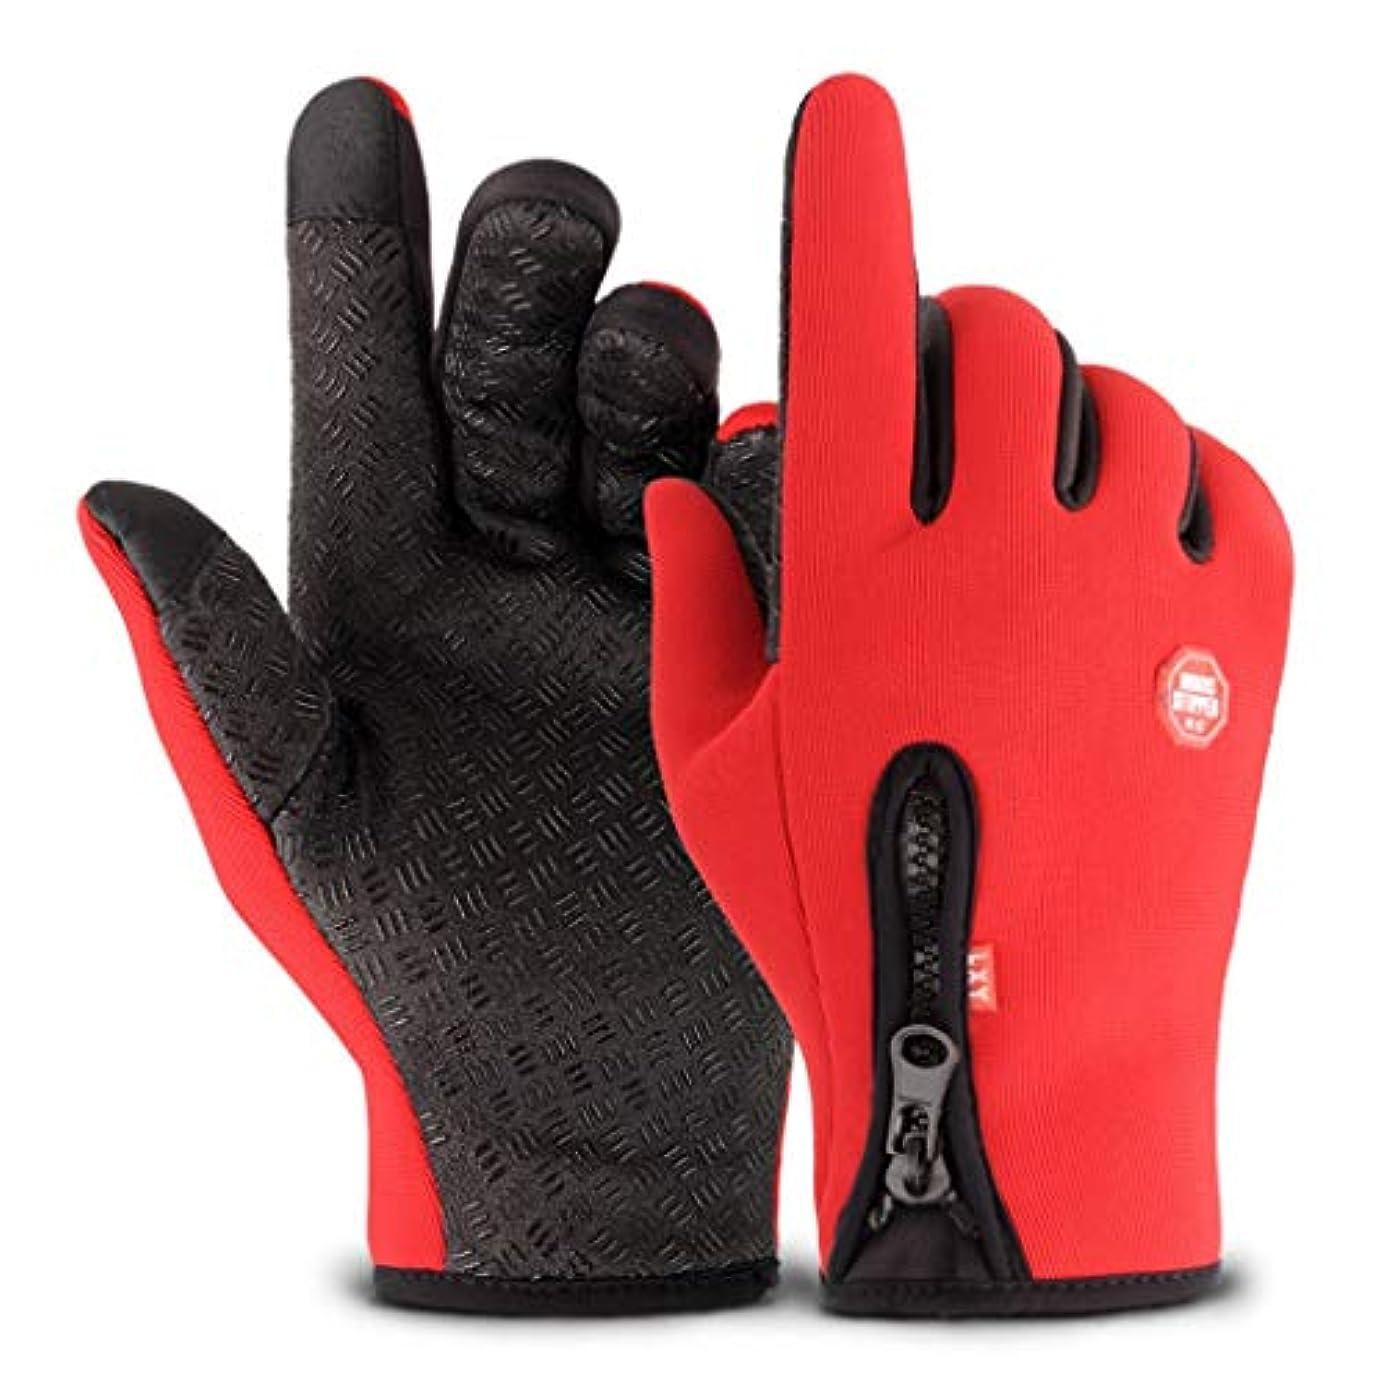 急勾配の損失多くの危険がある状況手袋の男性の秋と冬の自転車電動バイクの女性のタッチスクリーンは、すべてwindproofノンスリップ暖かいと冷たいプラスベルベット弾性手袋ワンサイズ赤